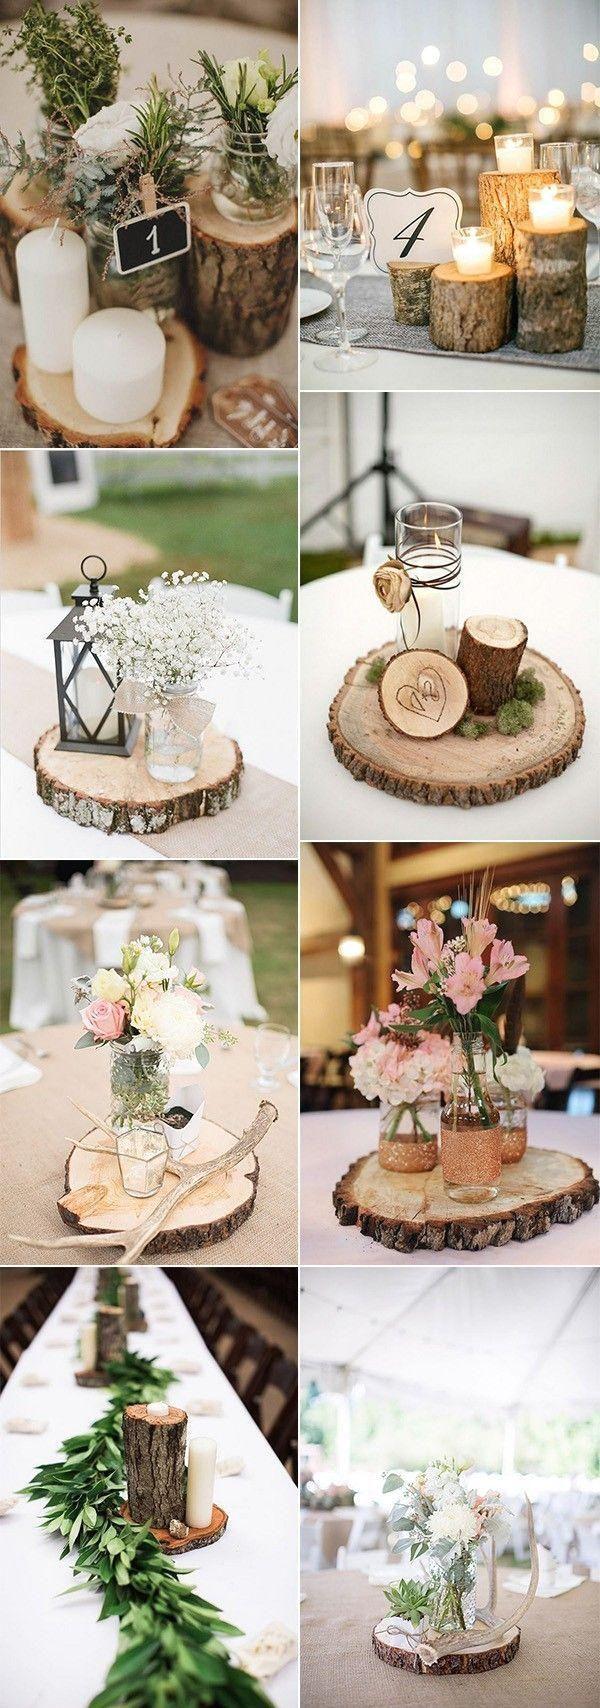 #Hochzeitsideen  #Hochzeit ... -  #baumstumpfen  #herzstuck  #hochzeit  #hochzeitsideen  #ideen  #Land  #mit  #rustikale #rustikale #Hochzeit Land rustikale Hochzeit Herzstück Ideen mit Baumstümpfen